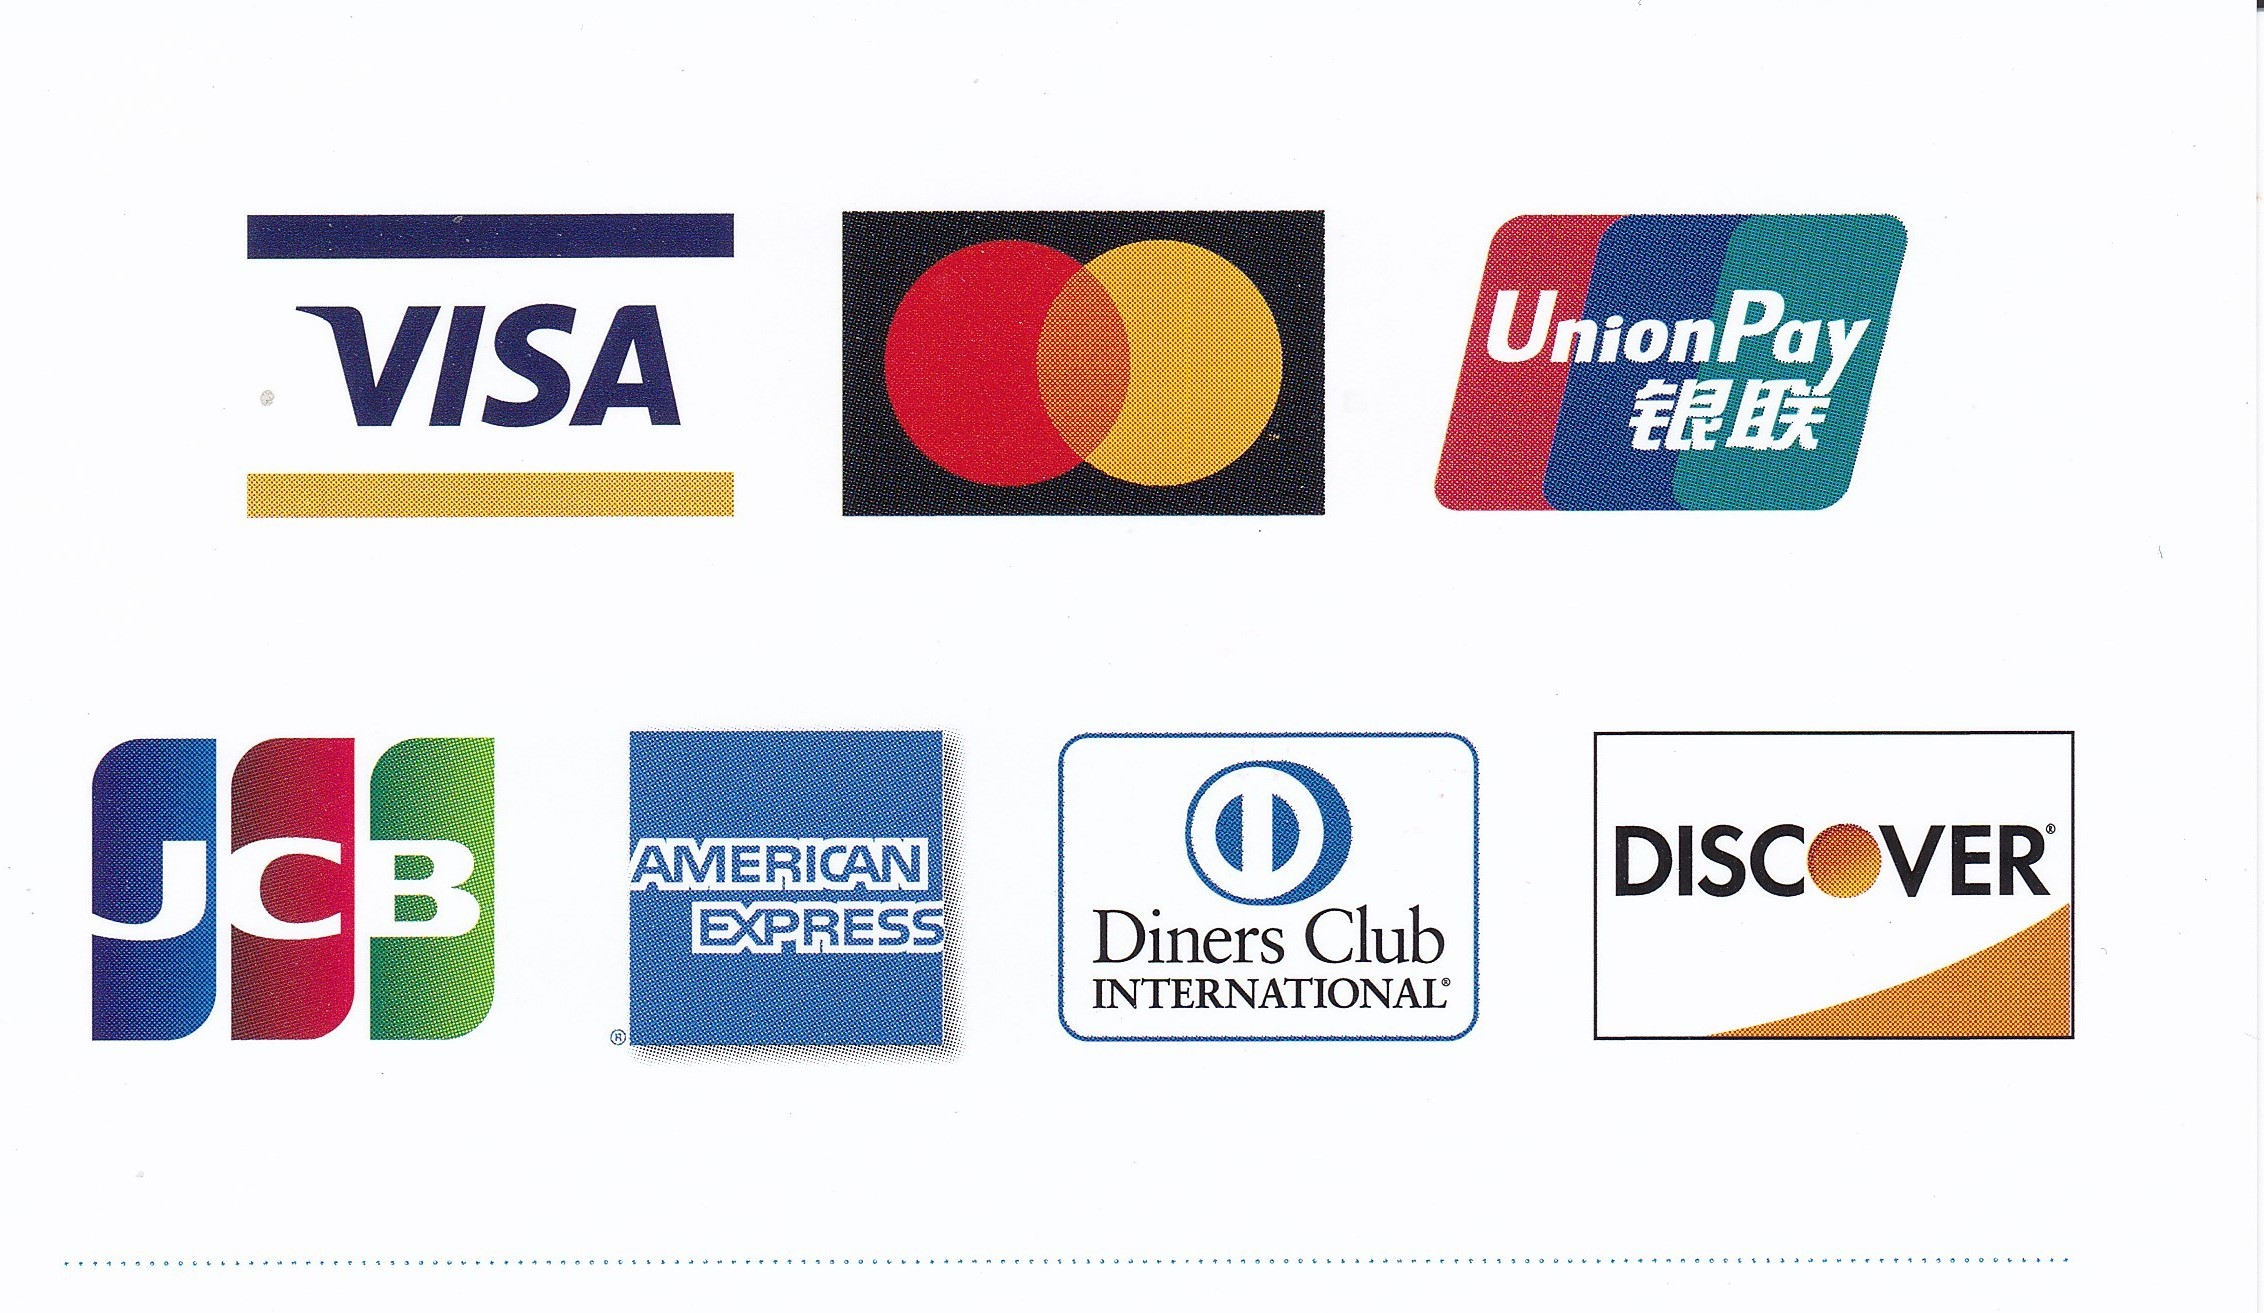 大八木眼科ではお支払いにクレジットカードが使えます。